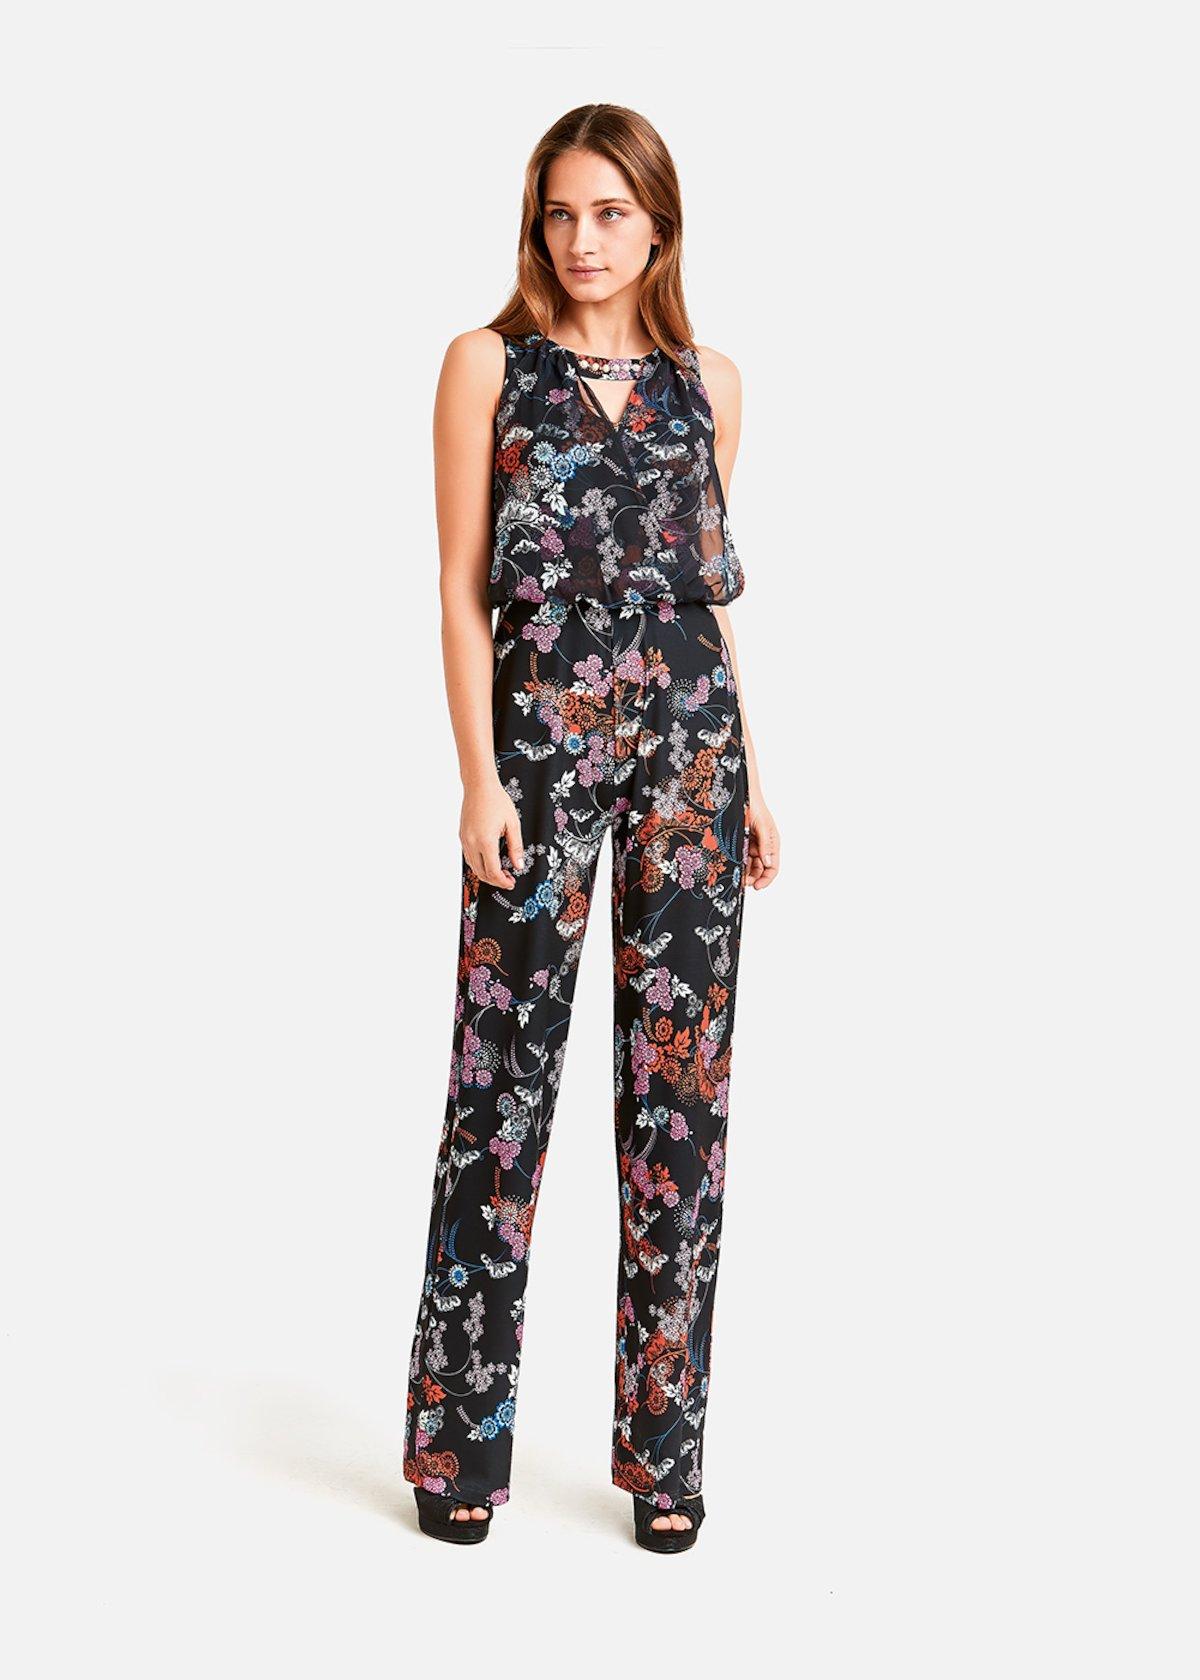 Tiger jumpsuit floral pattern - Black\ Poppy\ Fantasia